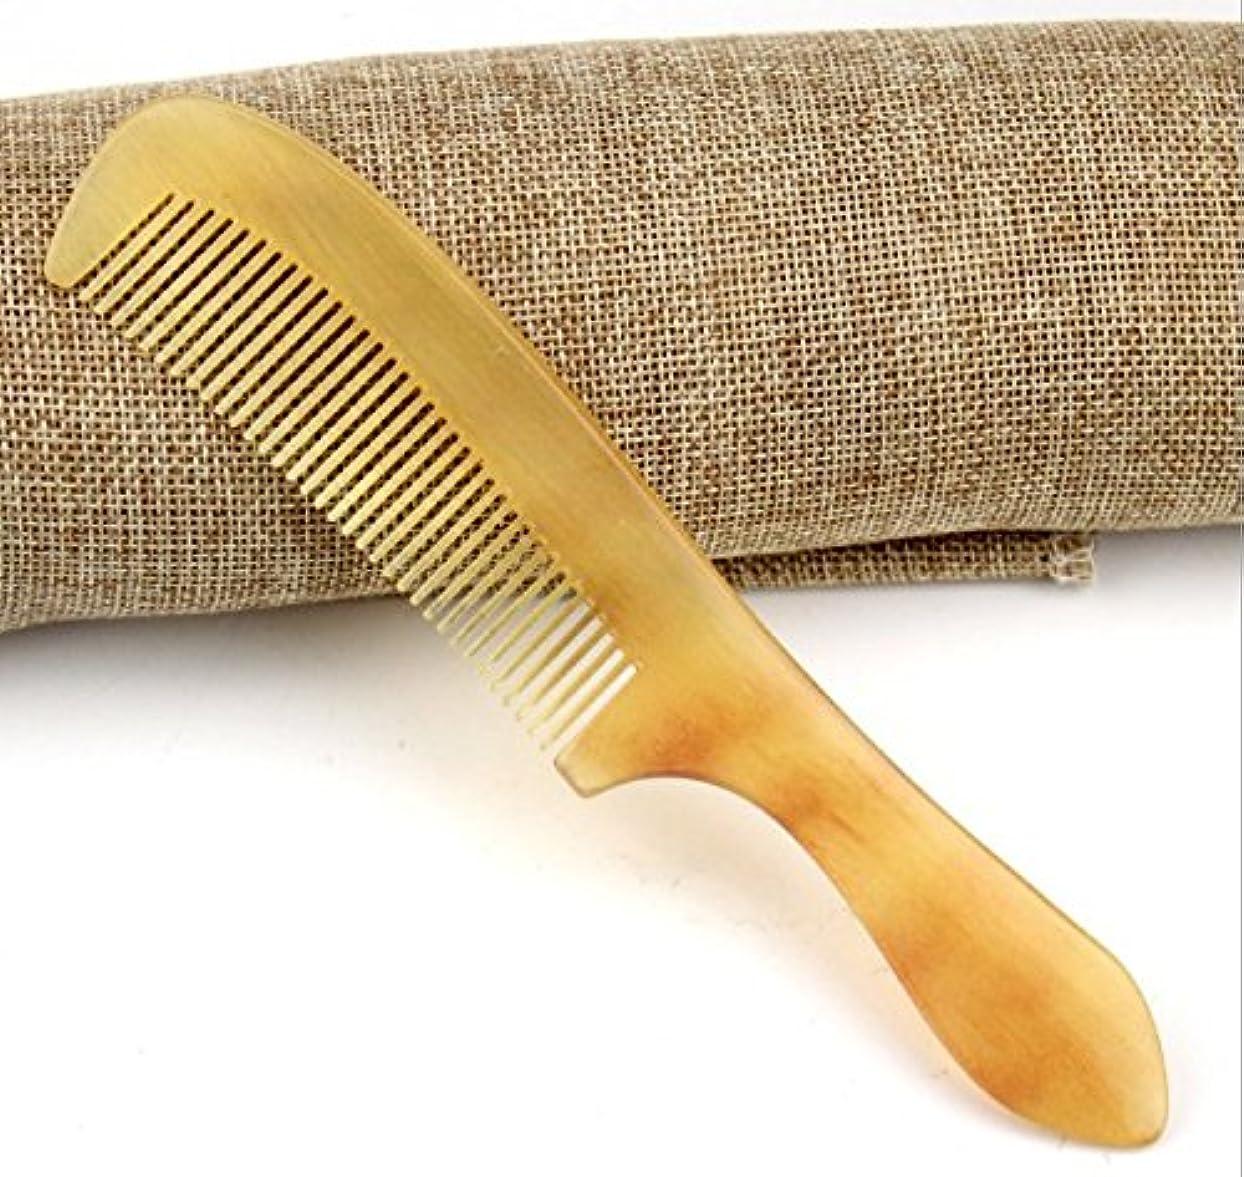 提出する感染する複製櫛型 羊角かっさプレート マサージ用 血行改善 高級 天然 静電気 防止 美髪